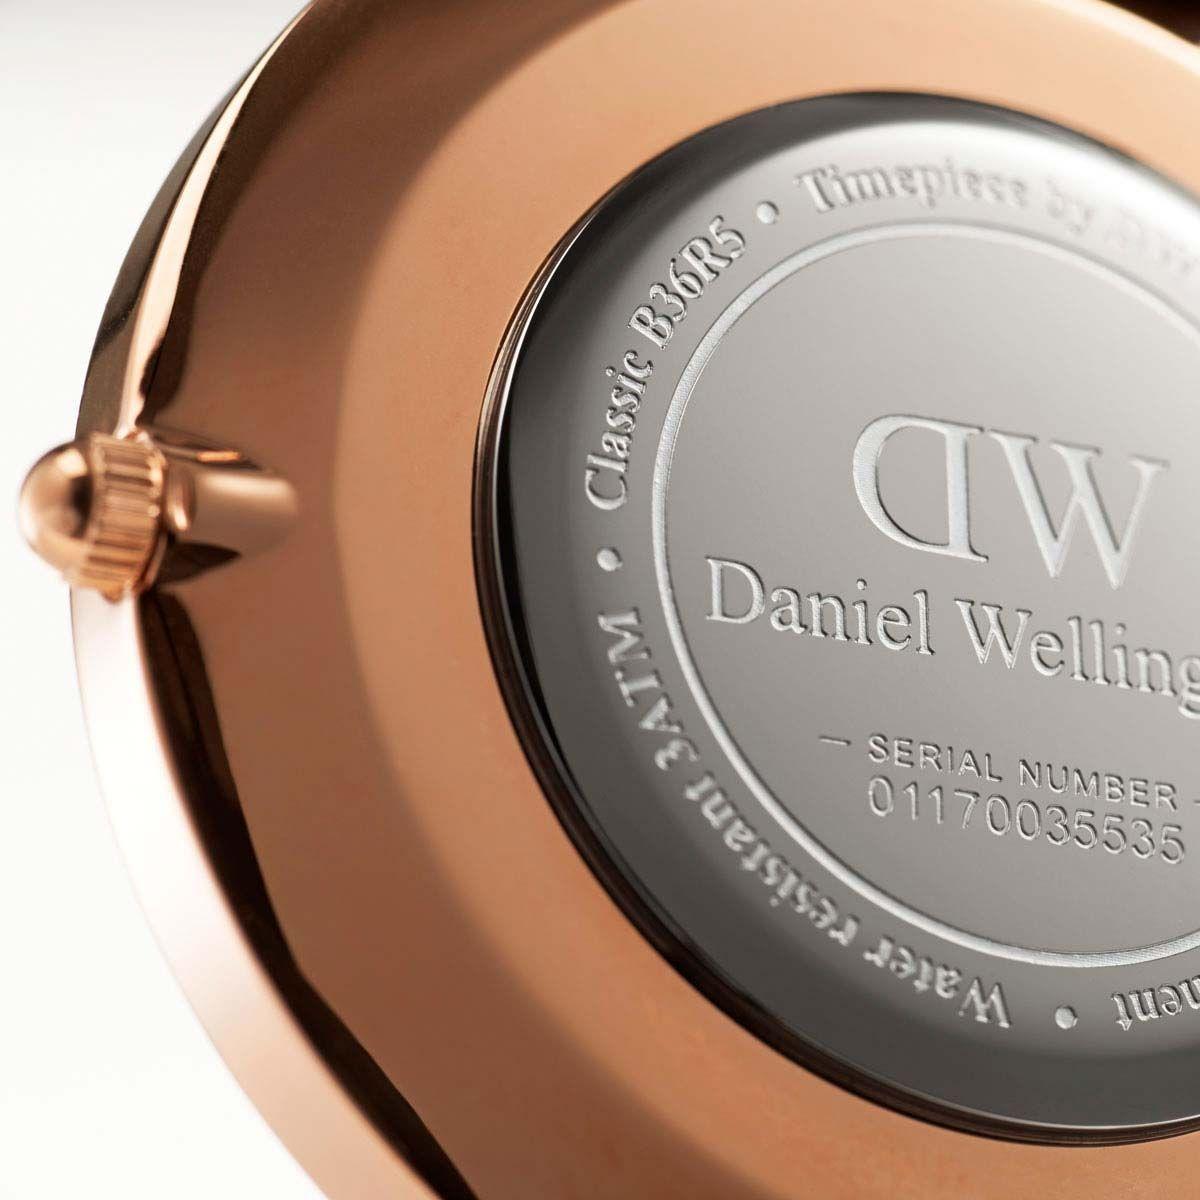 dw官网 dw手表官网 dw中国官网 dw官方旗舰店 DW DW官网  W Classic Black York RG 40mm